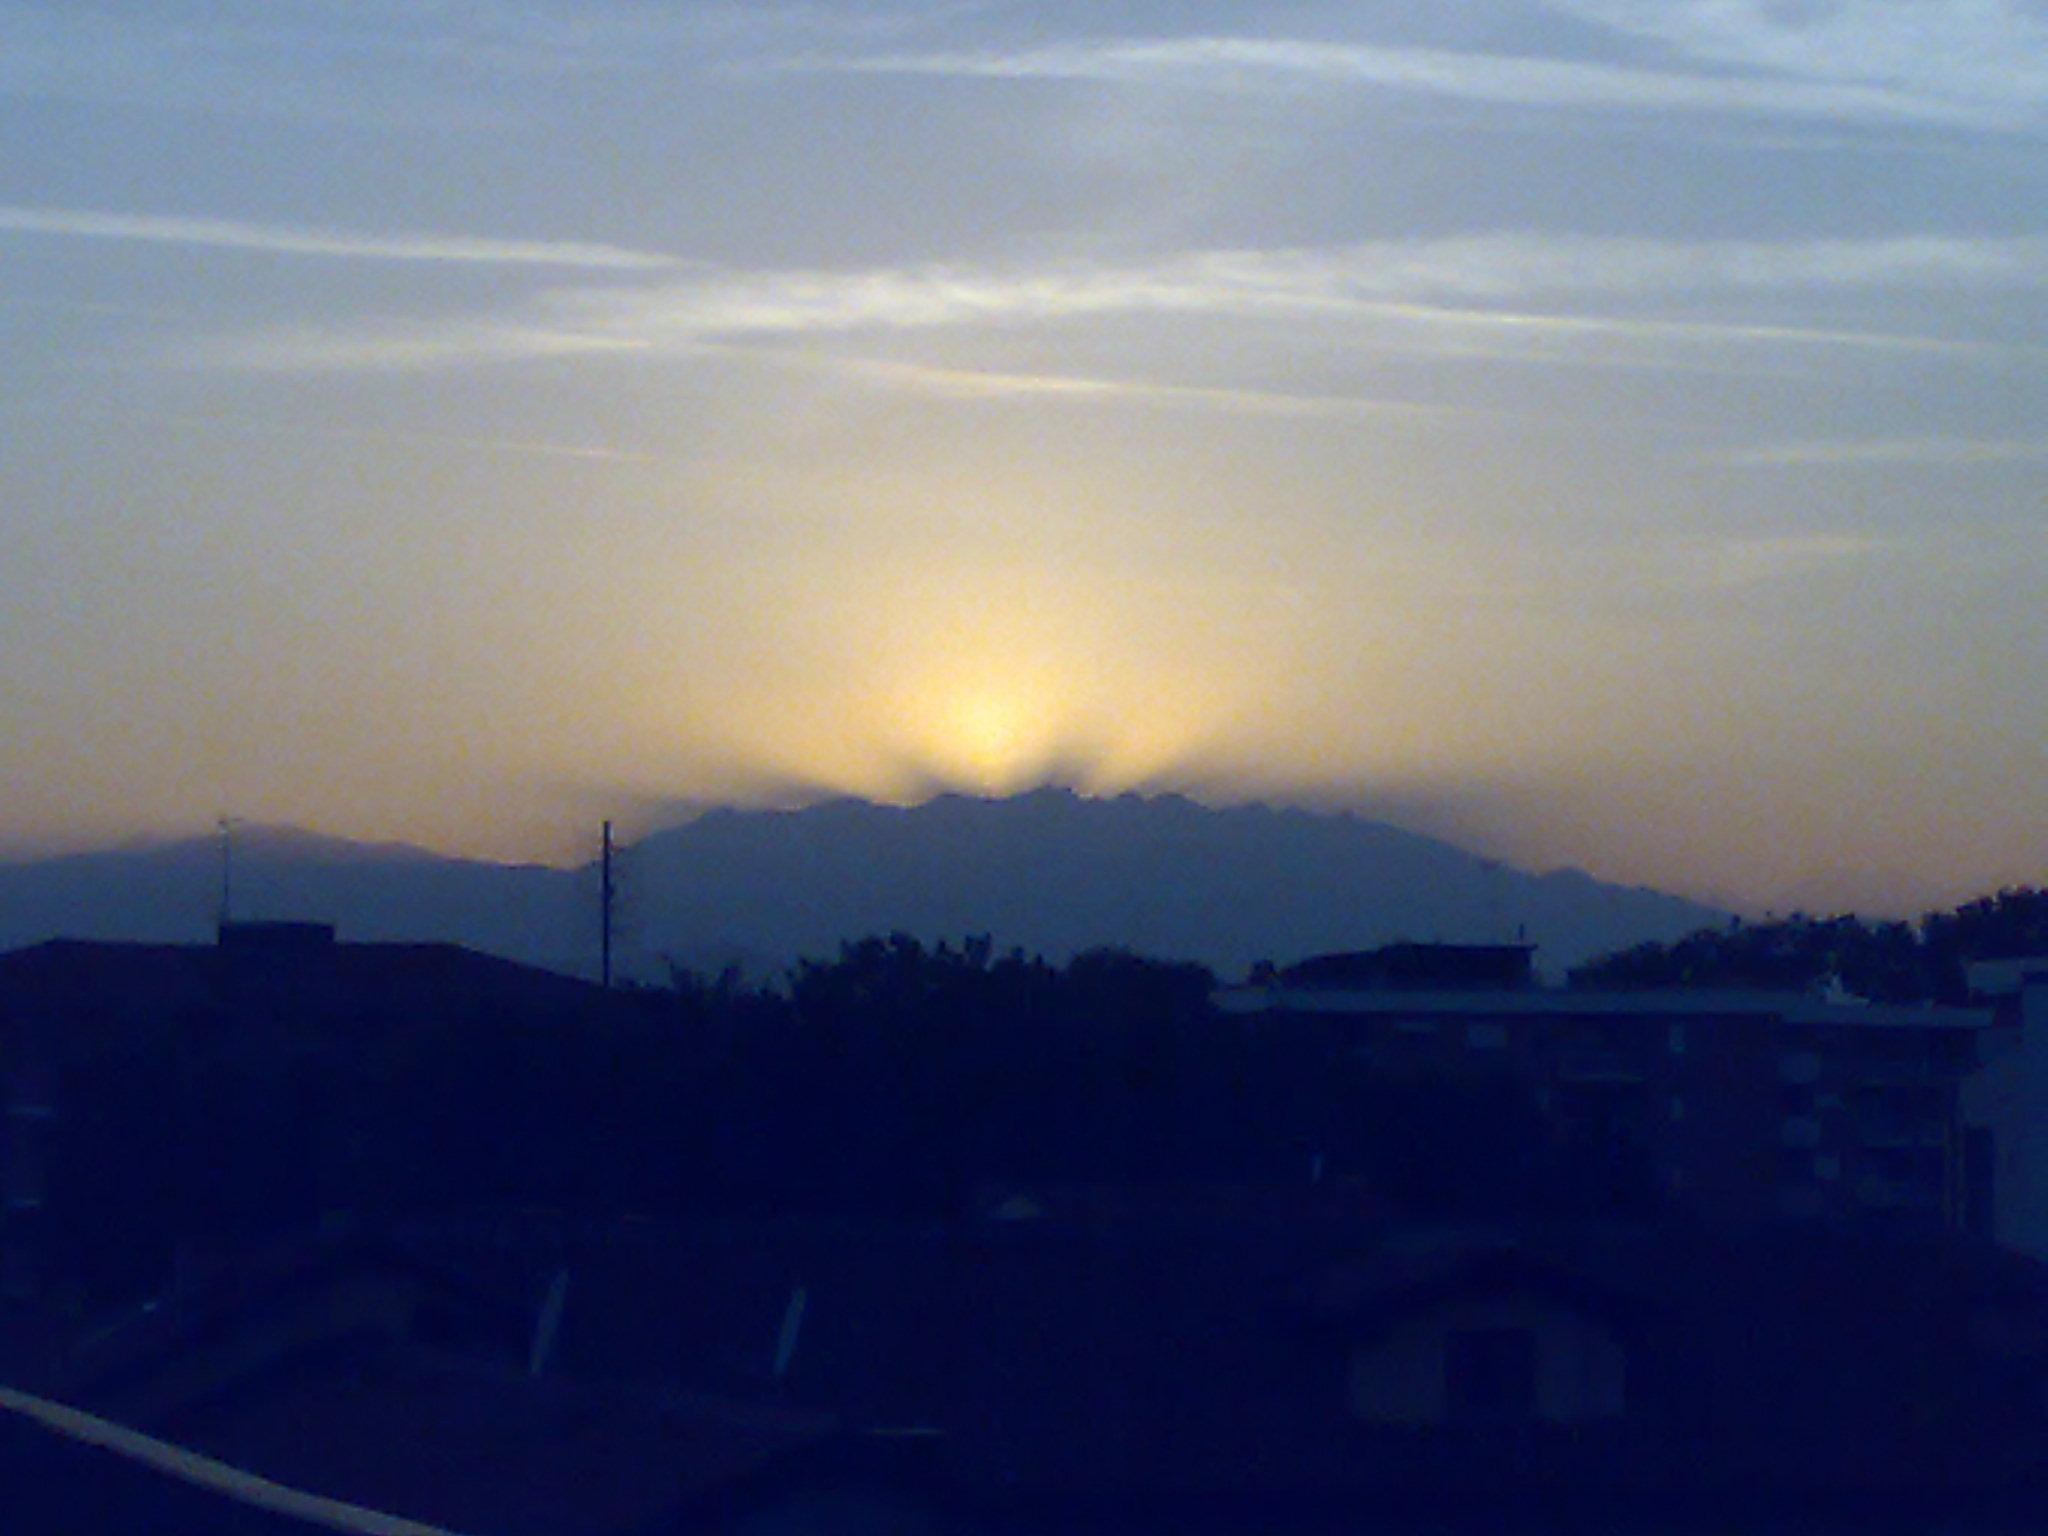 il sole meteora , Moncalieri (TO)